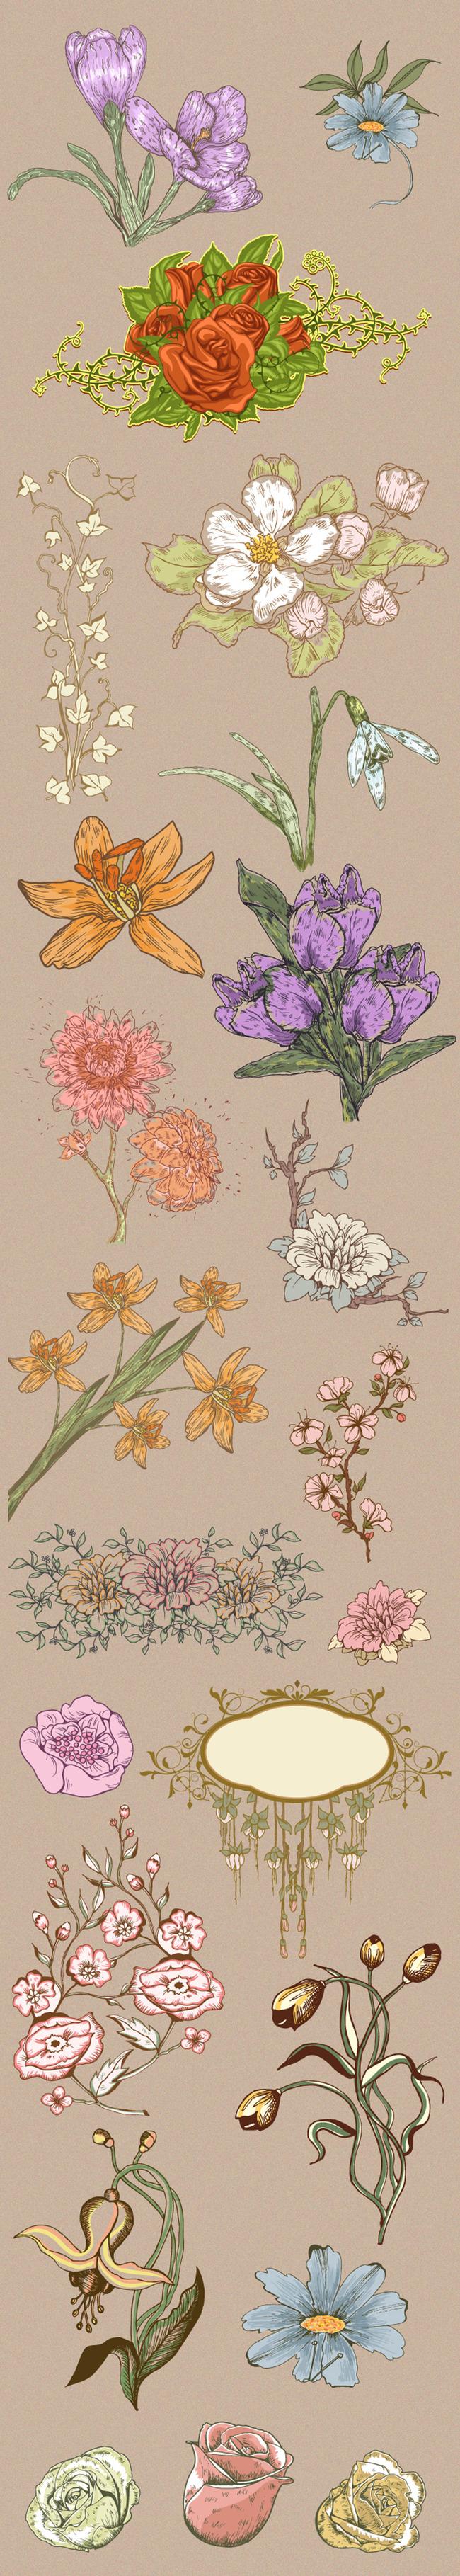 手绘韩式花卉图案素材